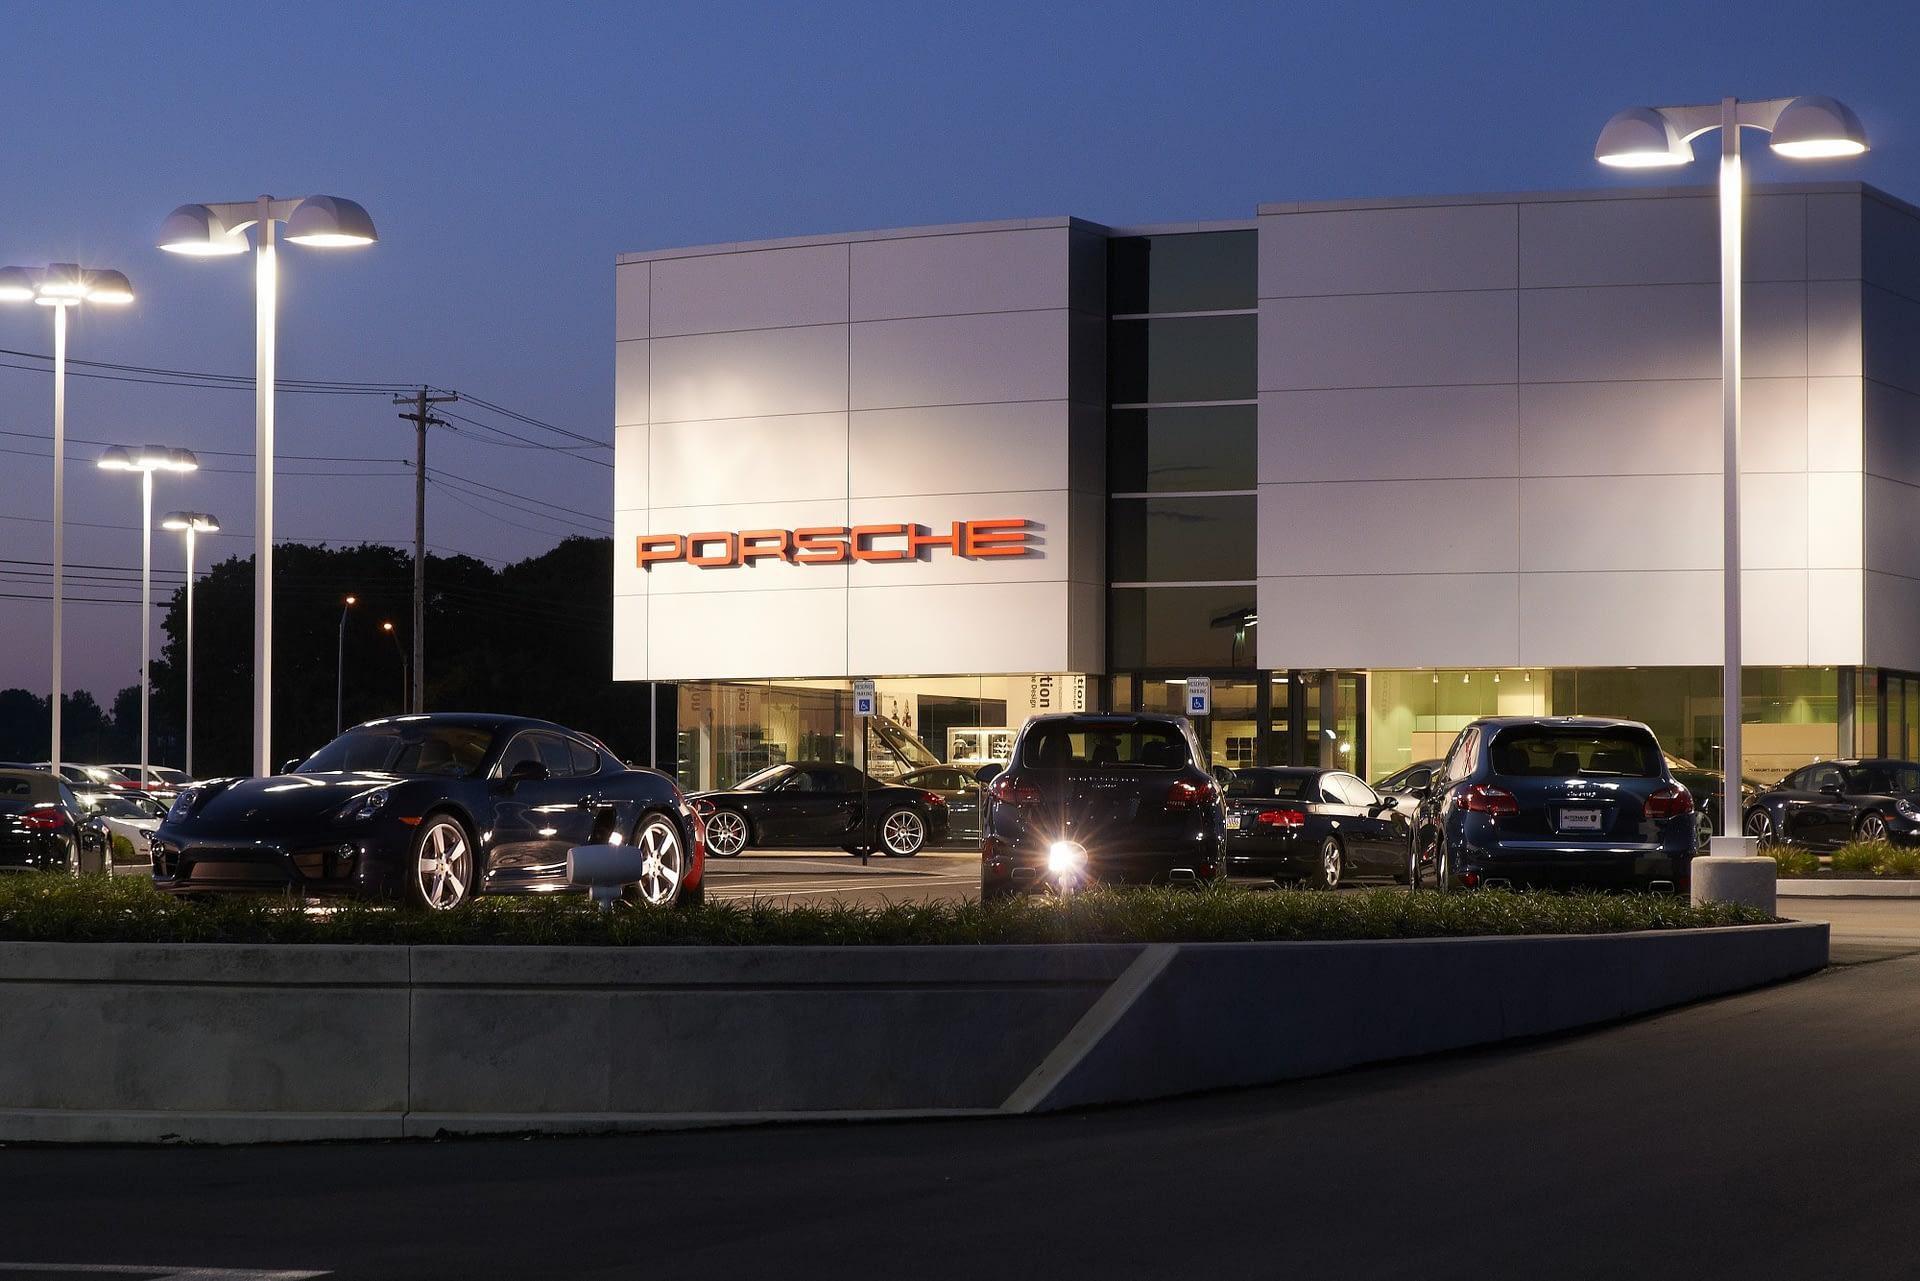 Autohaus Lancaster Porsche - Exterior 2